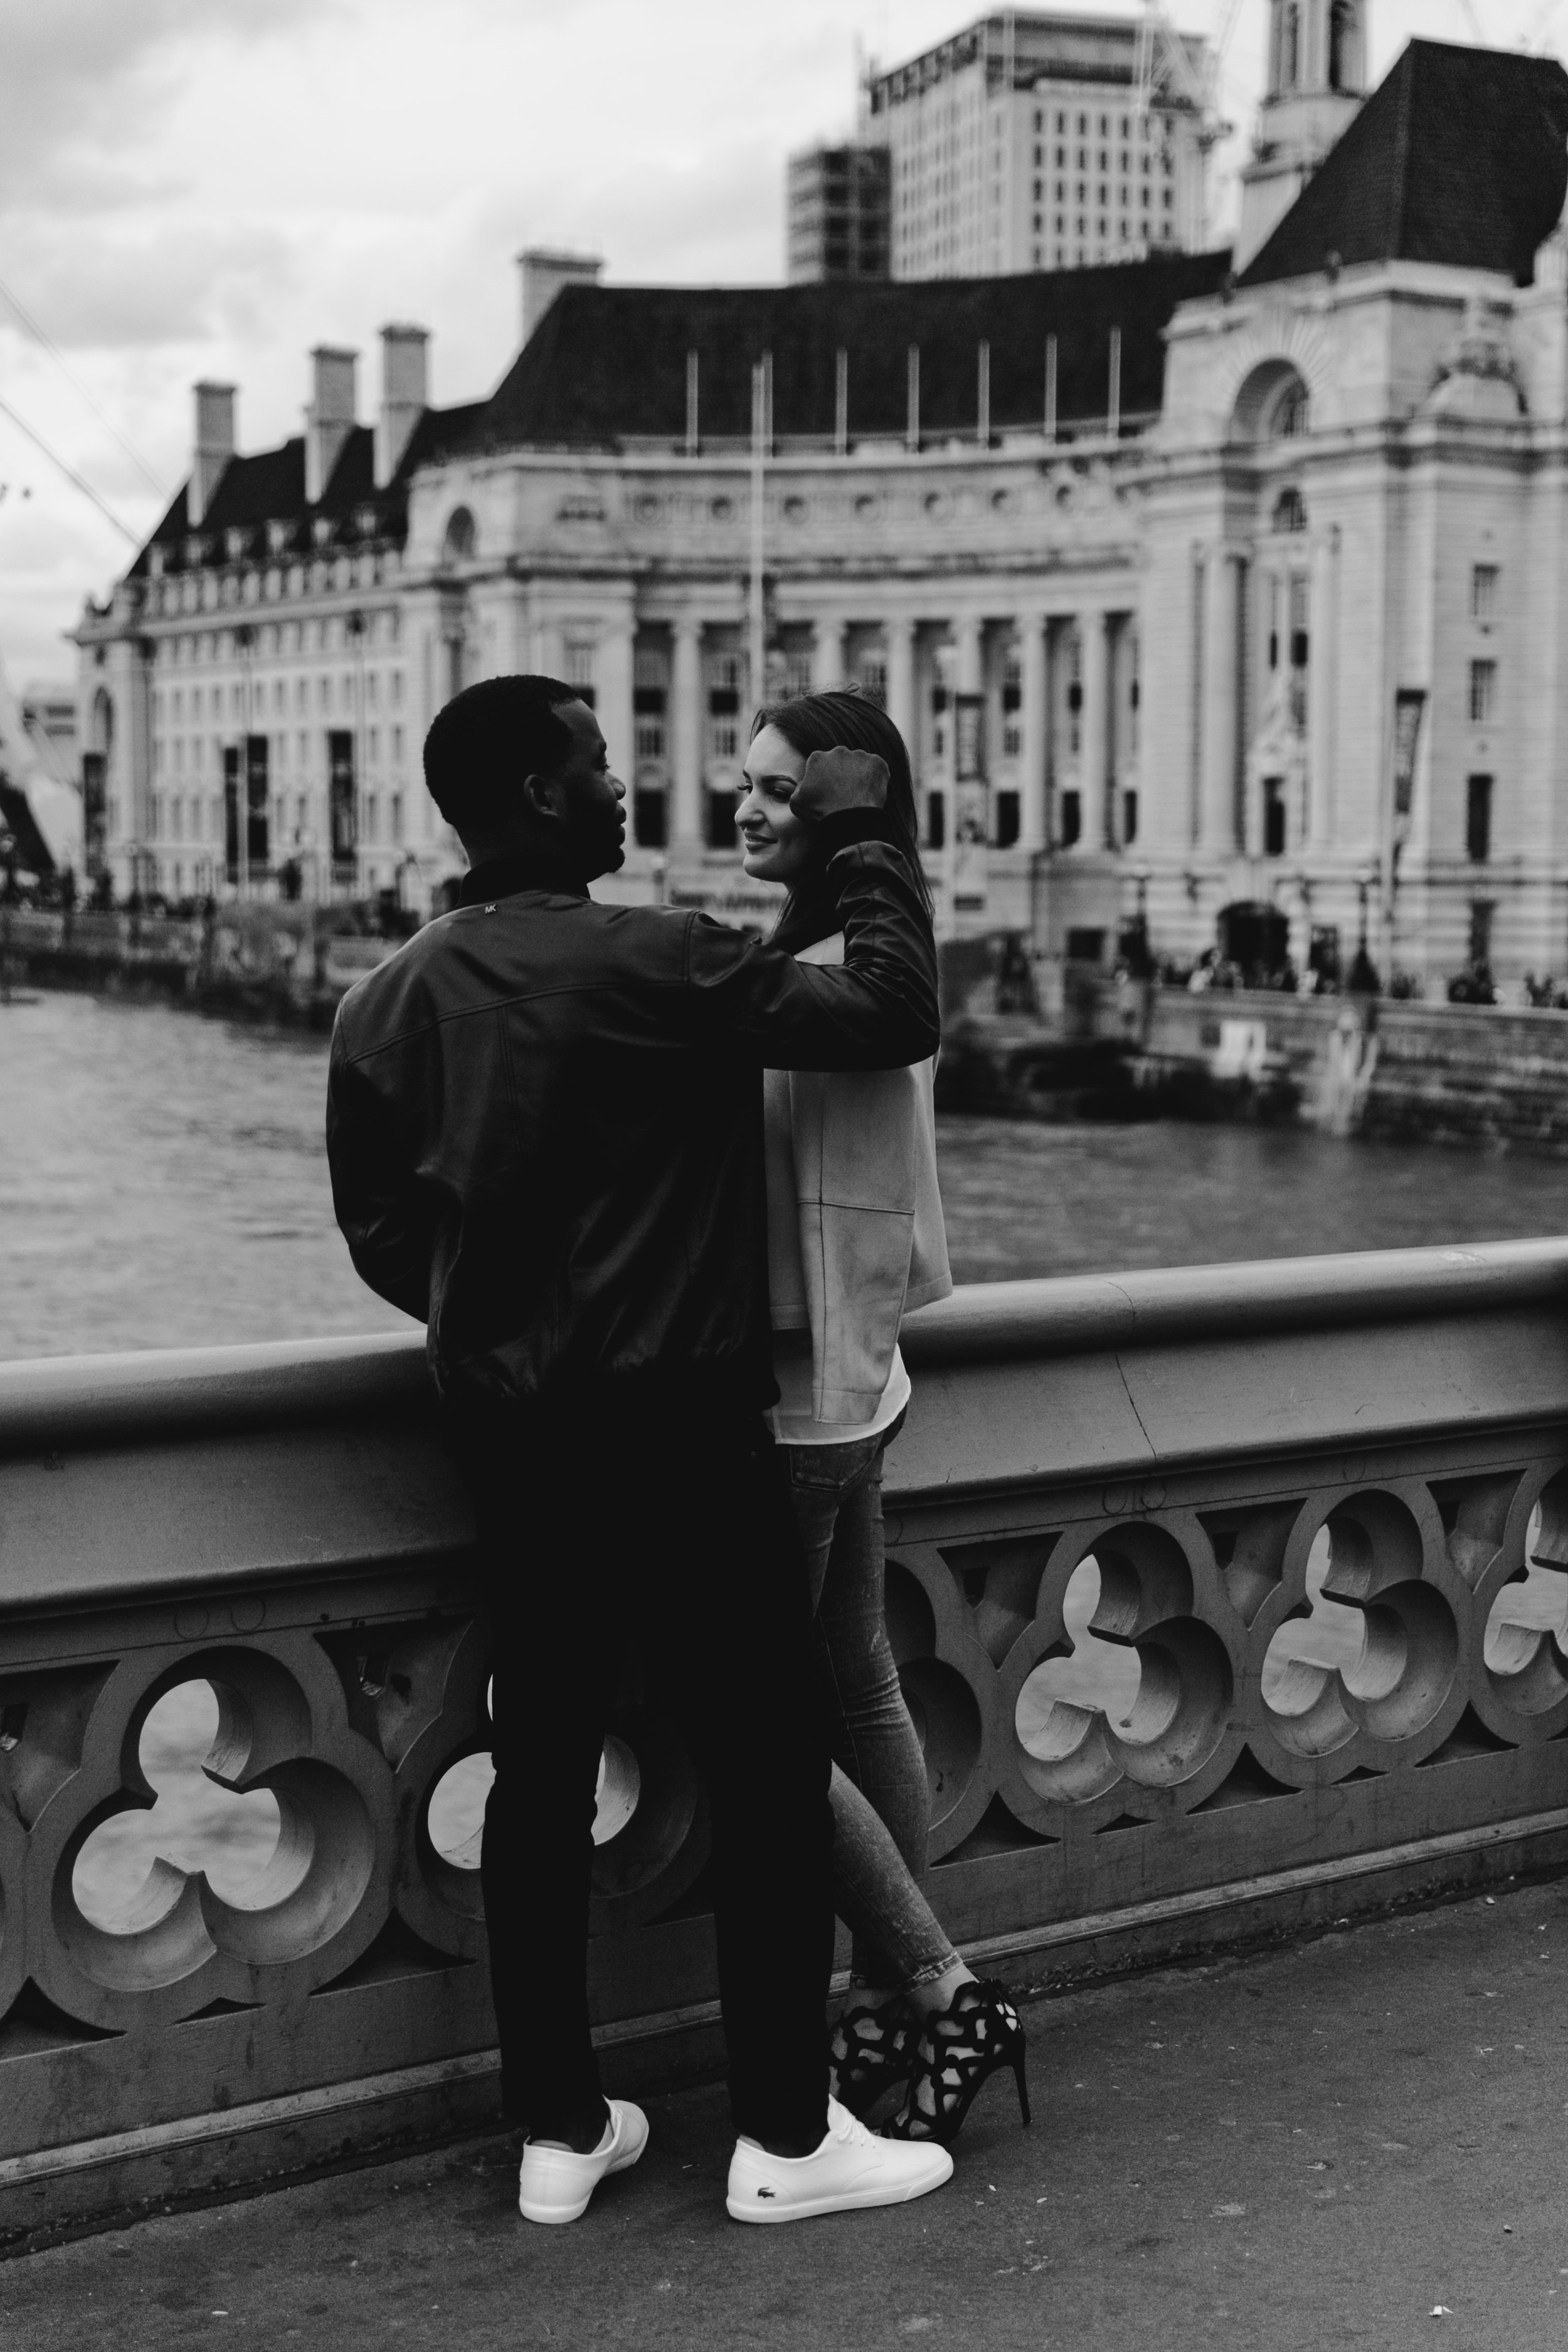 KaraNixonWeddings-LondonEye-Westminster-Engagement-12.jpg